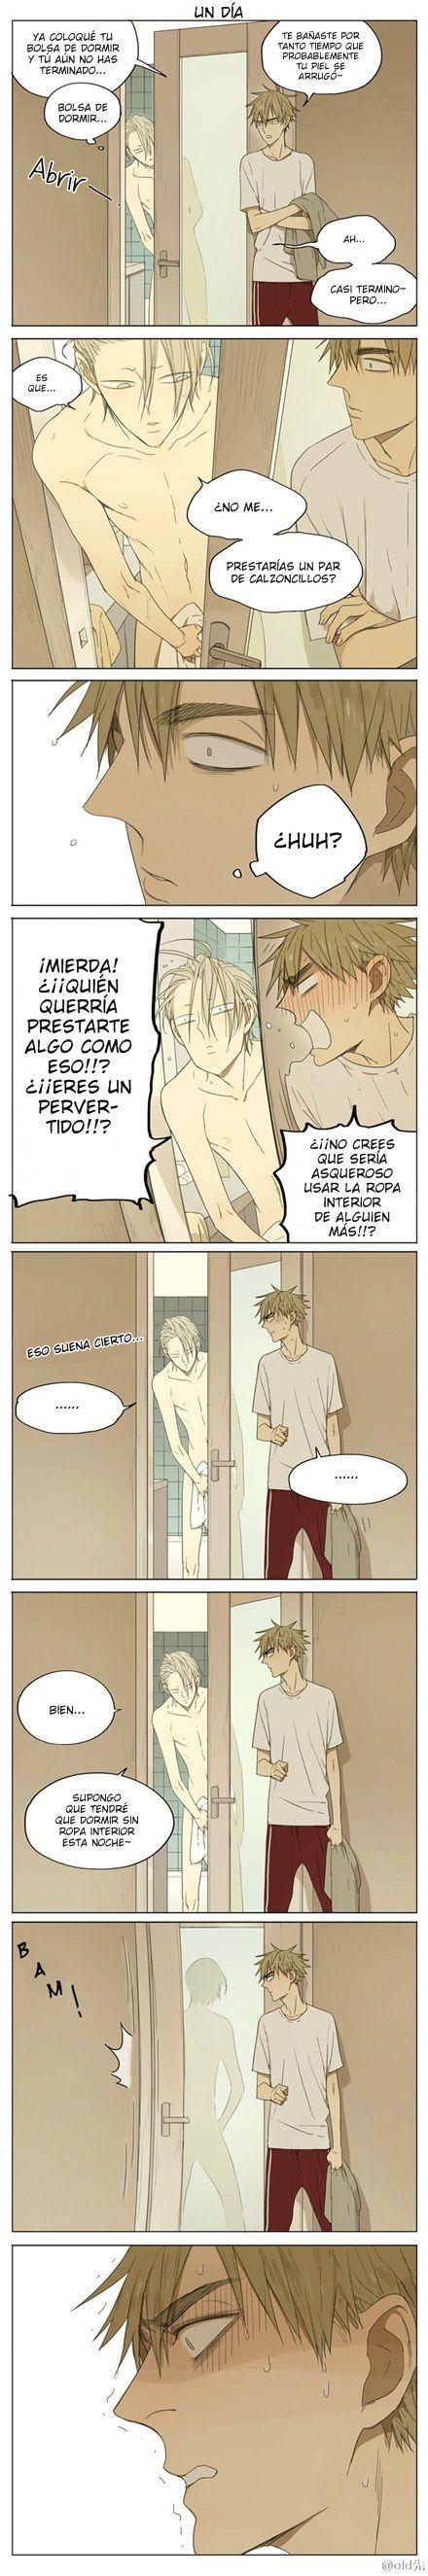 Manga 19 Days Capítulo 5 Página 11